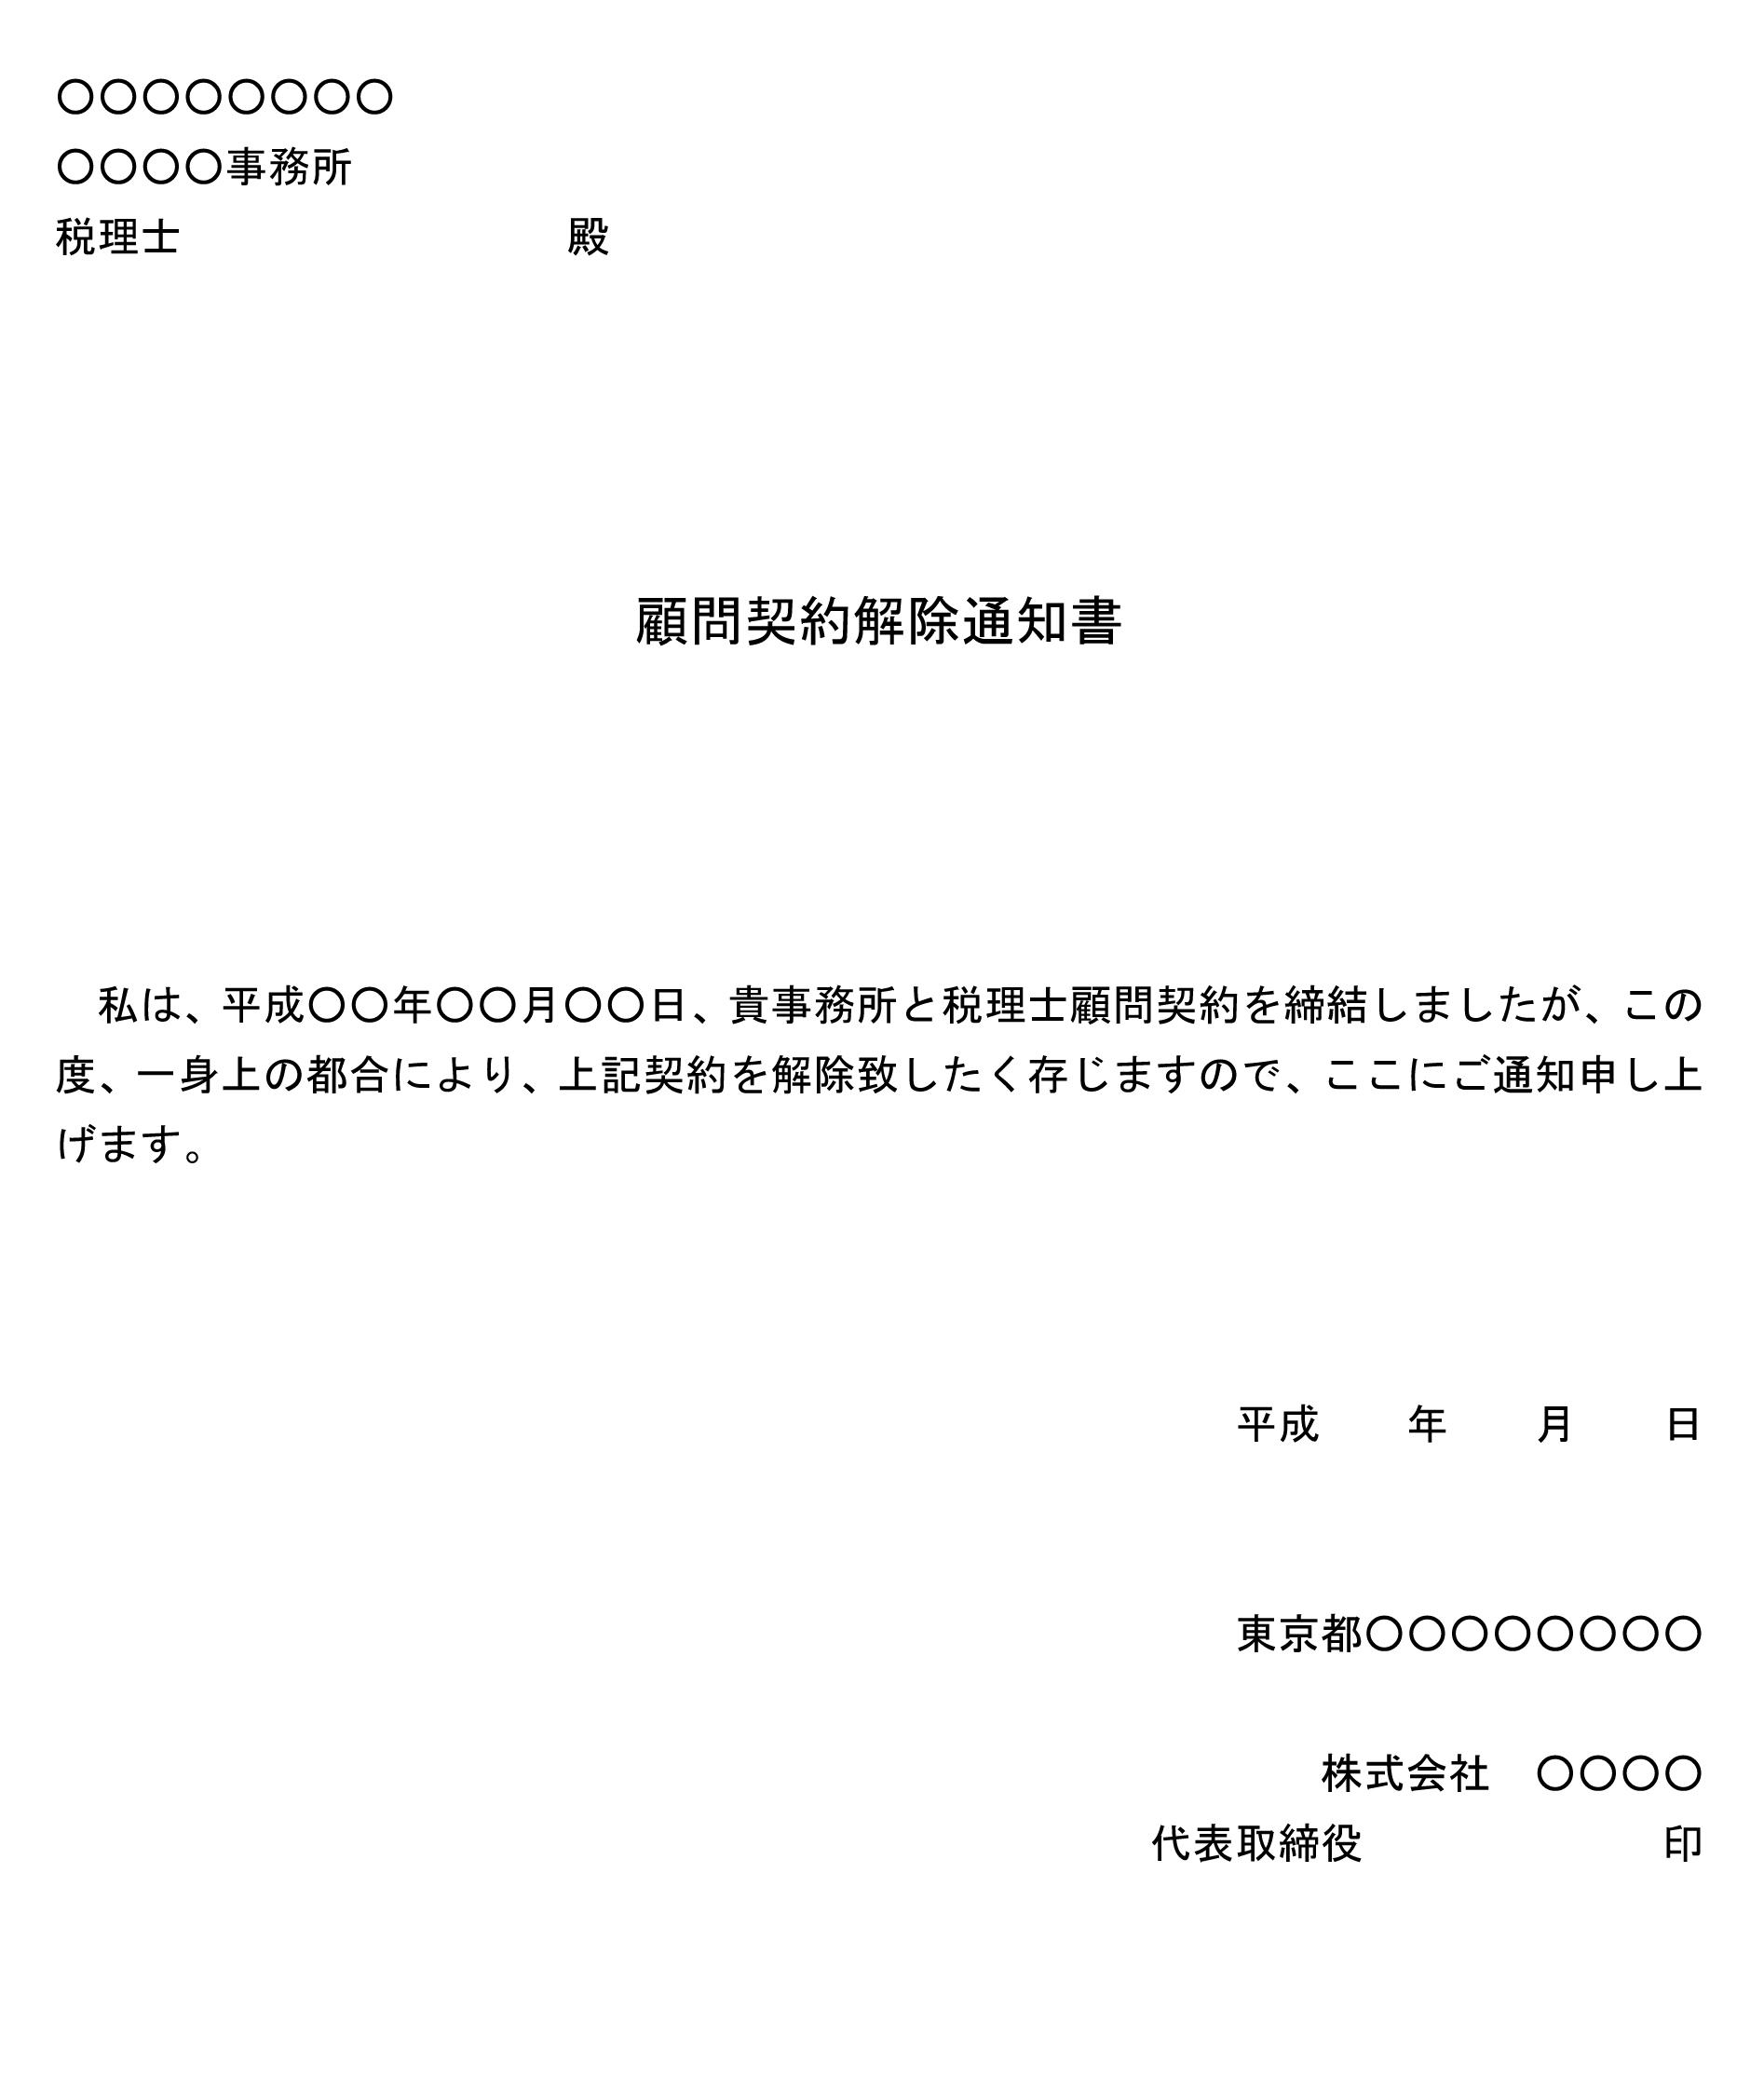 顧問契約解除通知書(税理士)02